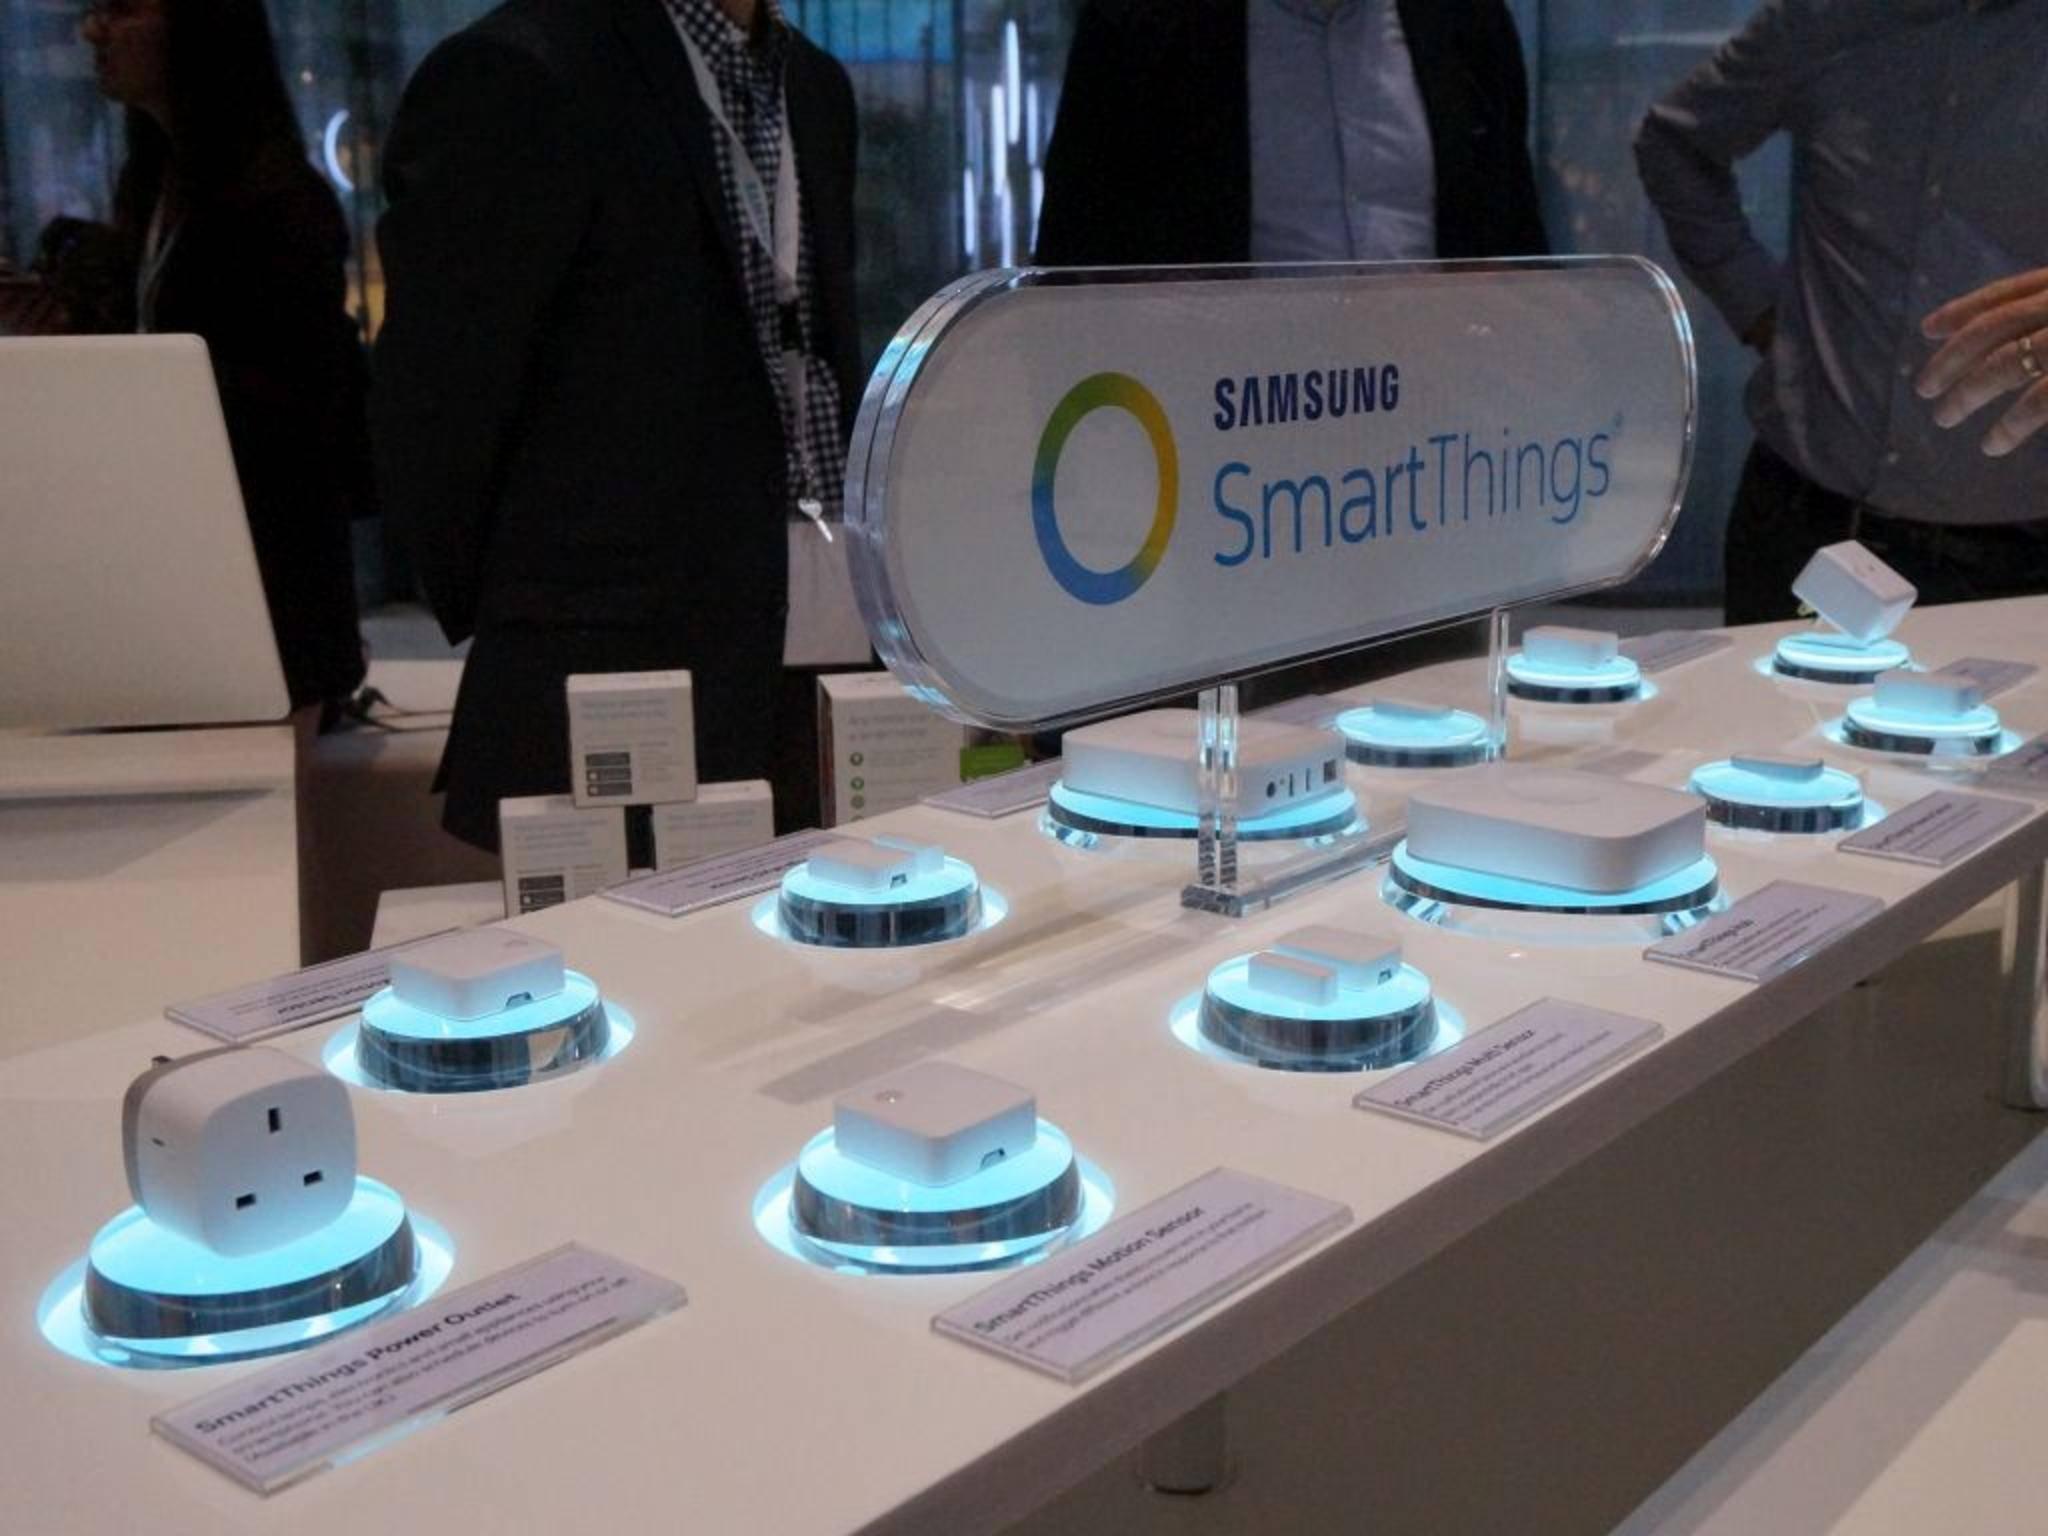 Je mehr smarte Geräte mit einbezogen werden, desto praktischer.